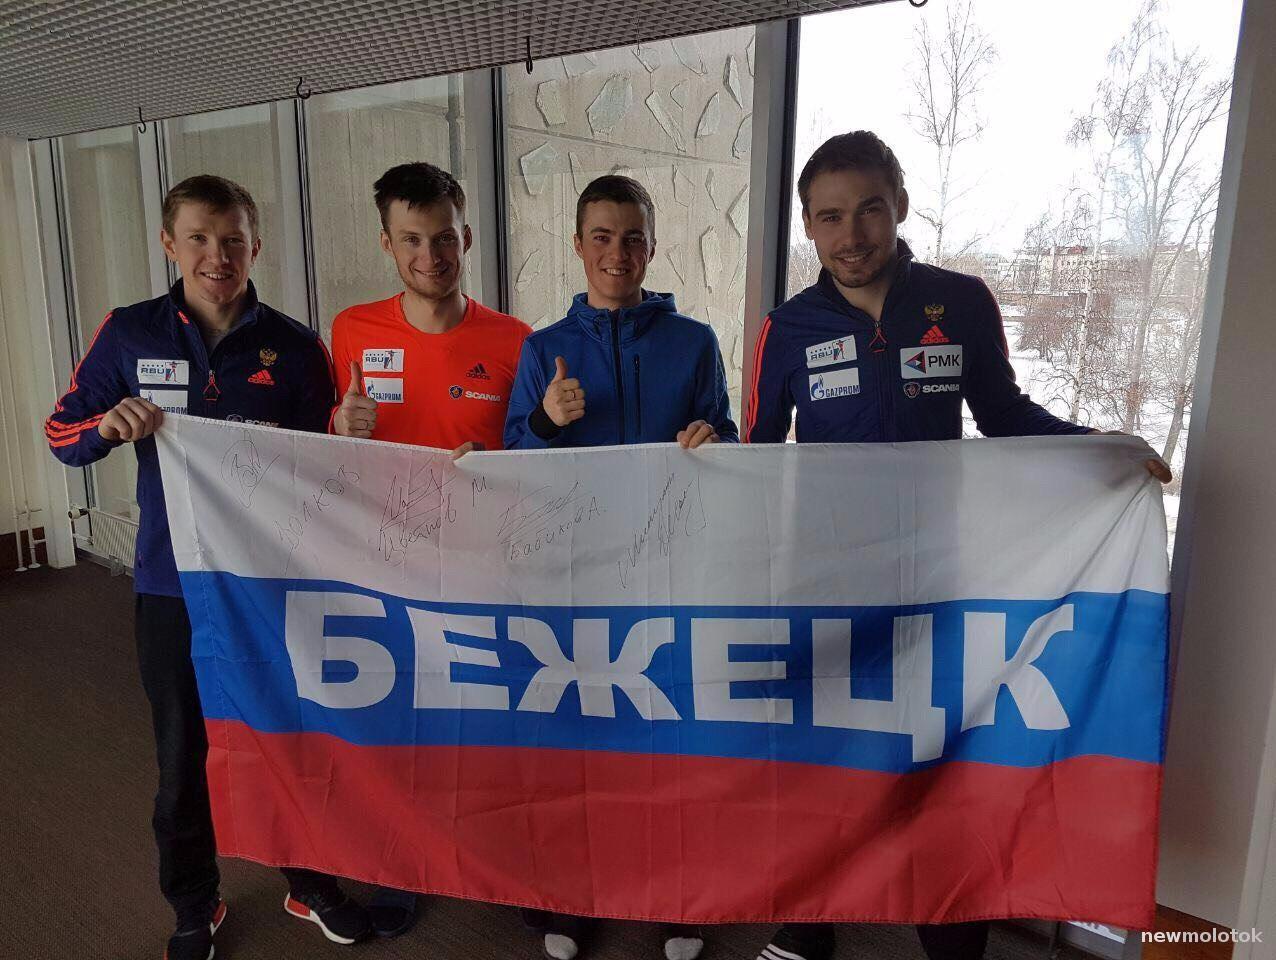 ВТверской области популярный бежецкий флаг продали за165 000 руб.